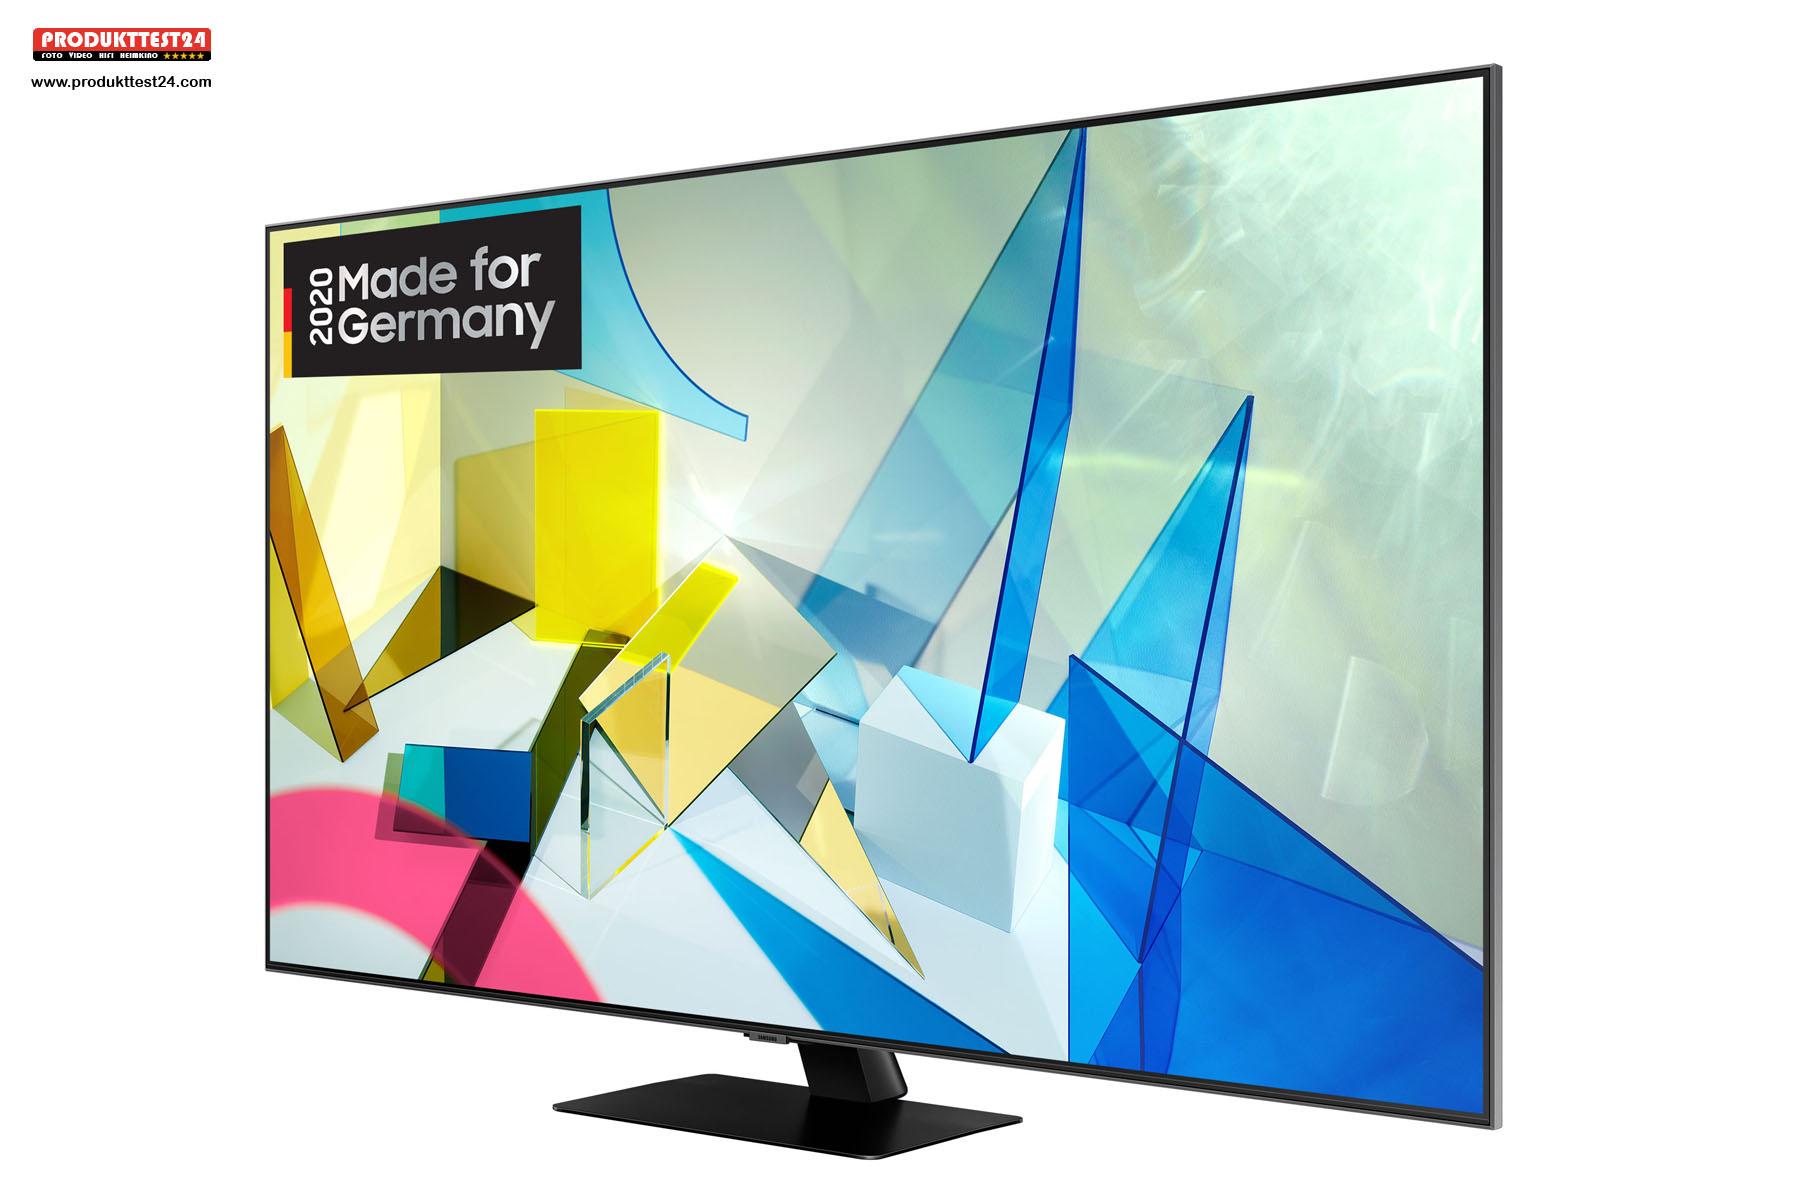 Der 75 Zoll große Q80T QLED 4K-Fernseher